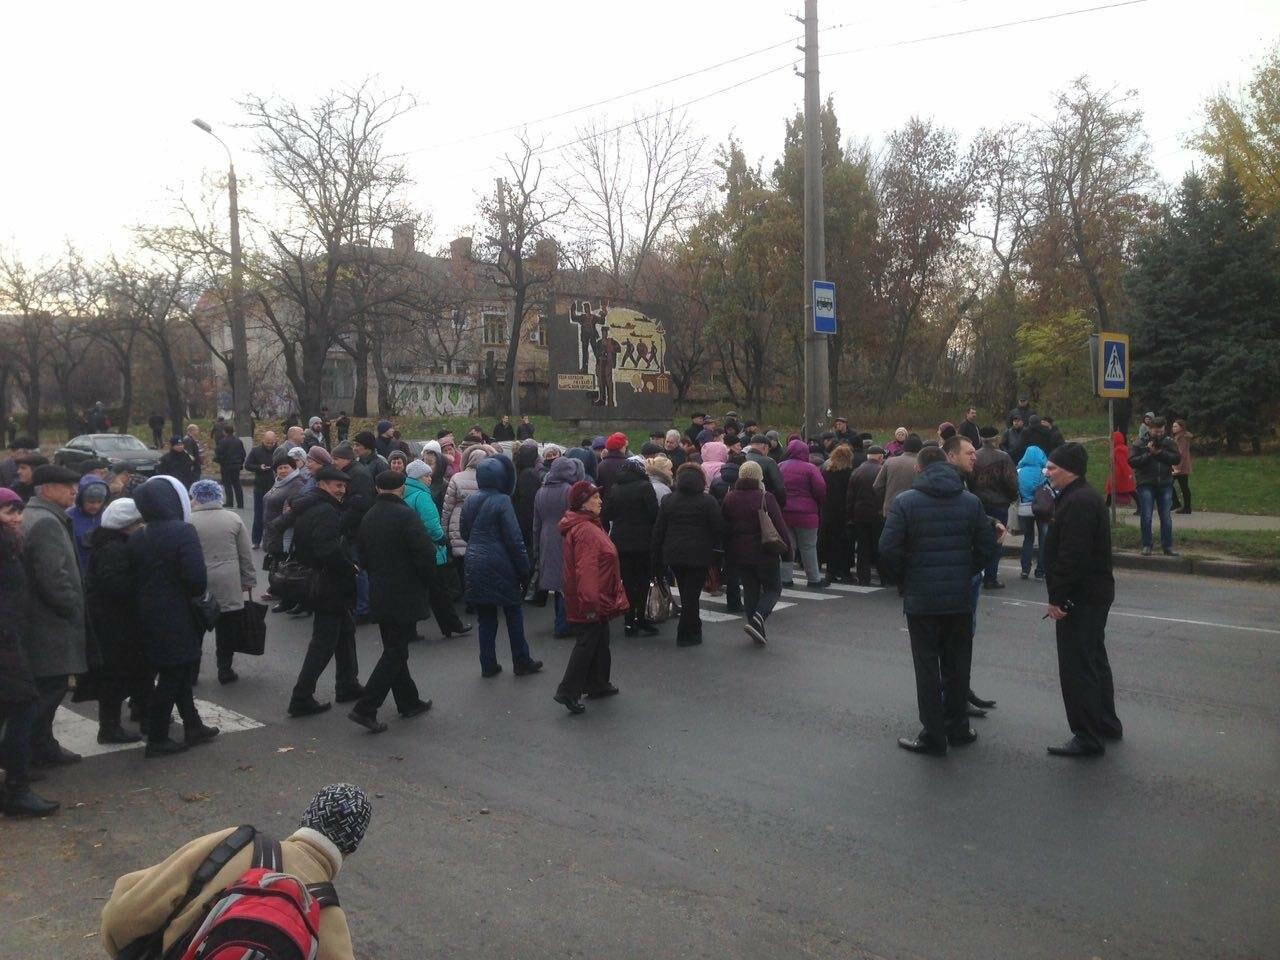 Из-за митинга на Варваровском мосту в Николаеве образовалась большая пробка (ФОТО, ВИДЕО), фото-4